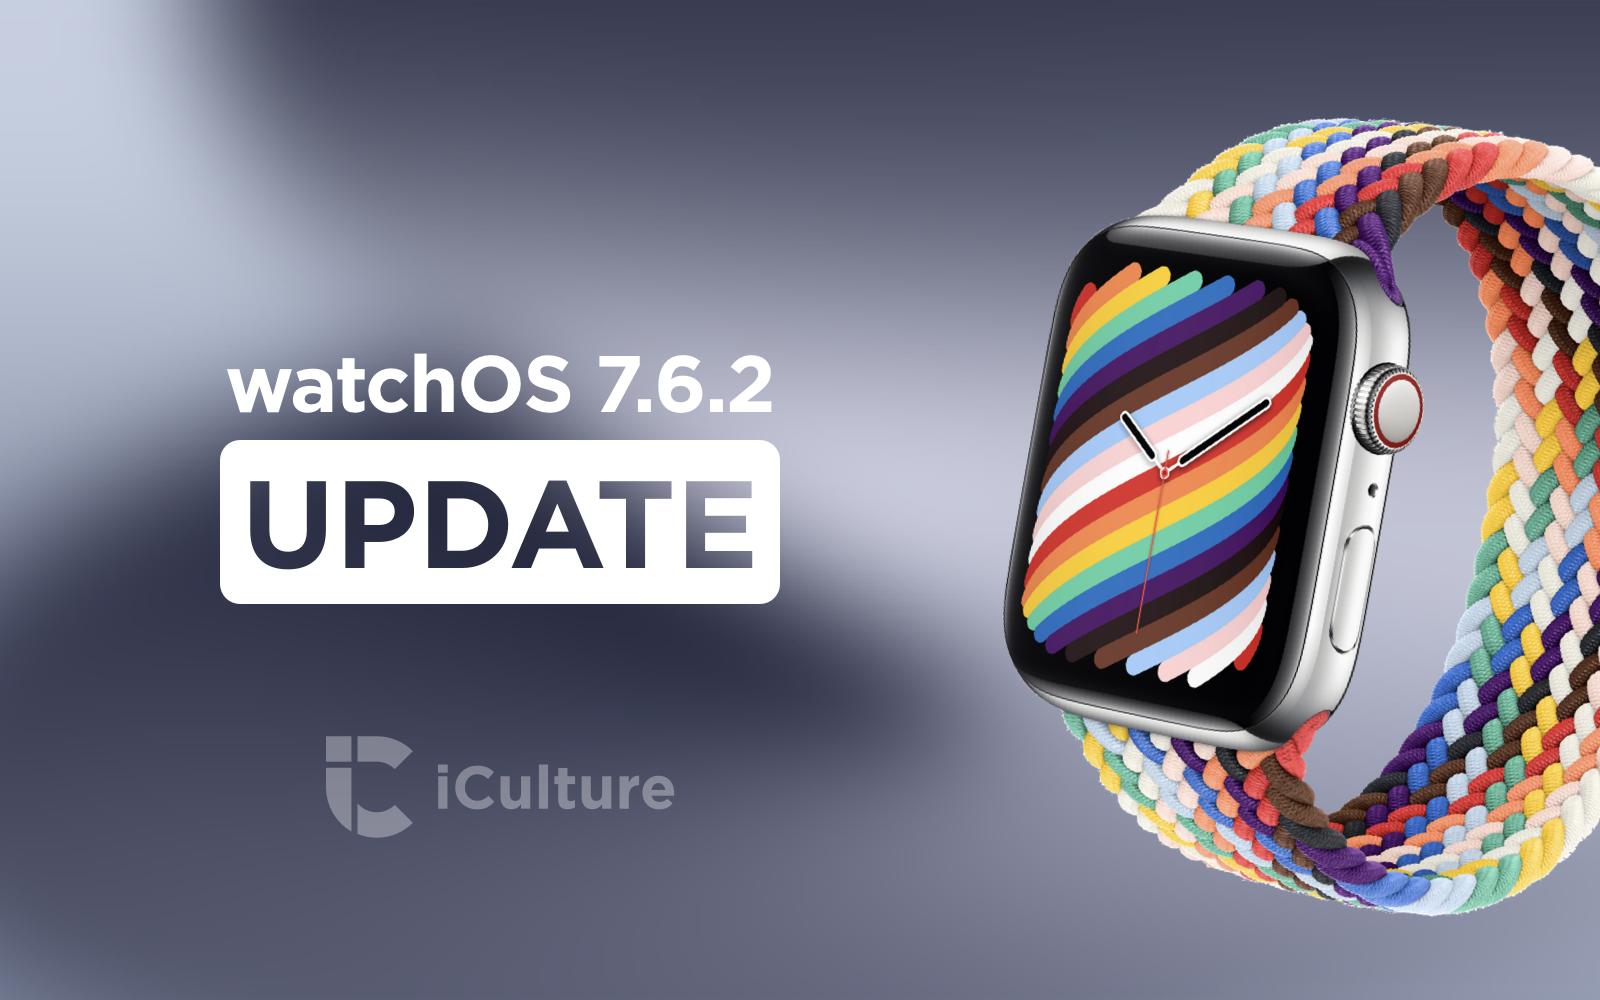 watchOS 7.6.2 update.